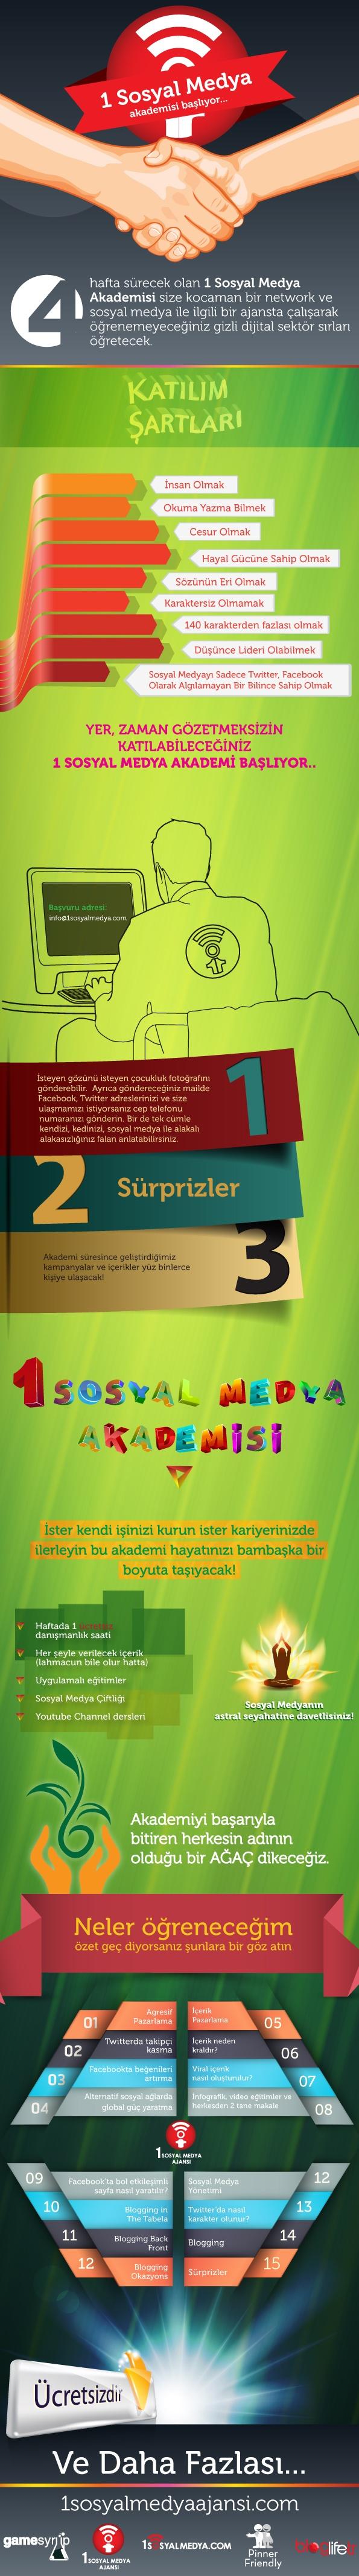 Beleş Sosyal Medya Akademisi   Sende Yerleş [Infografik]